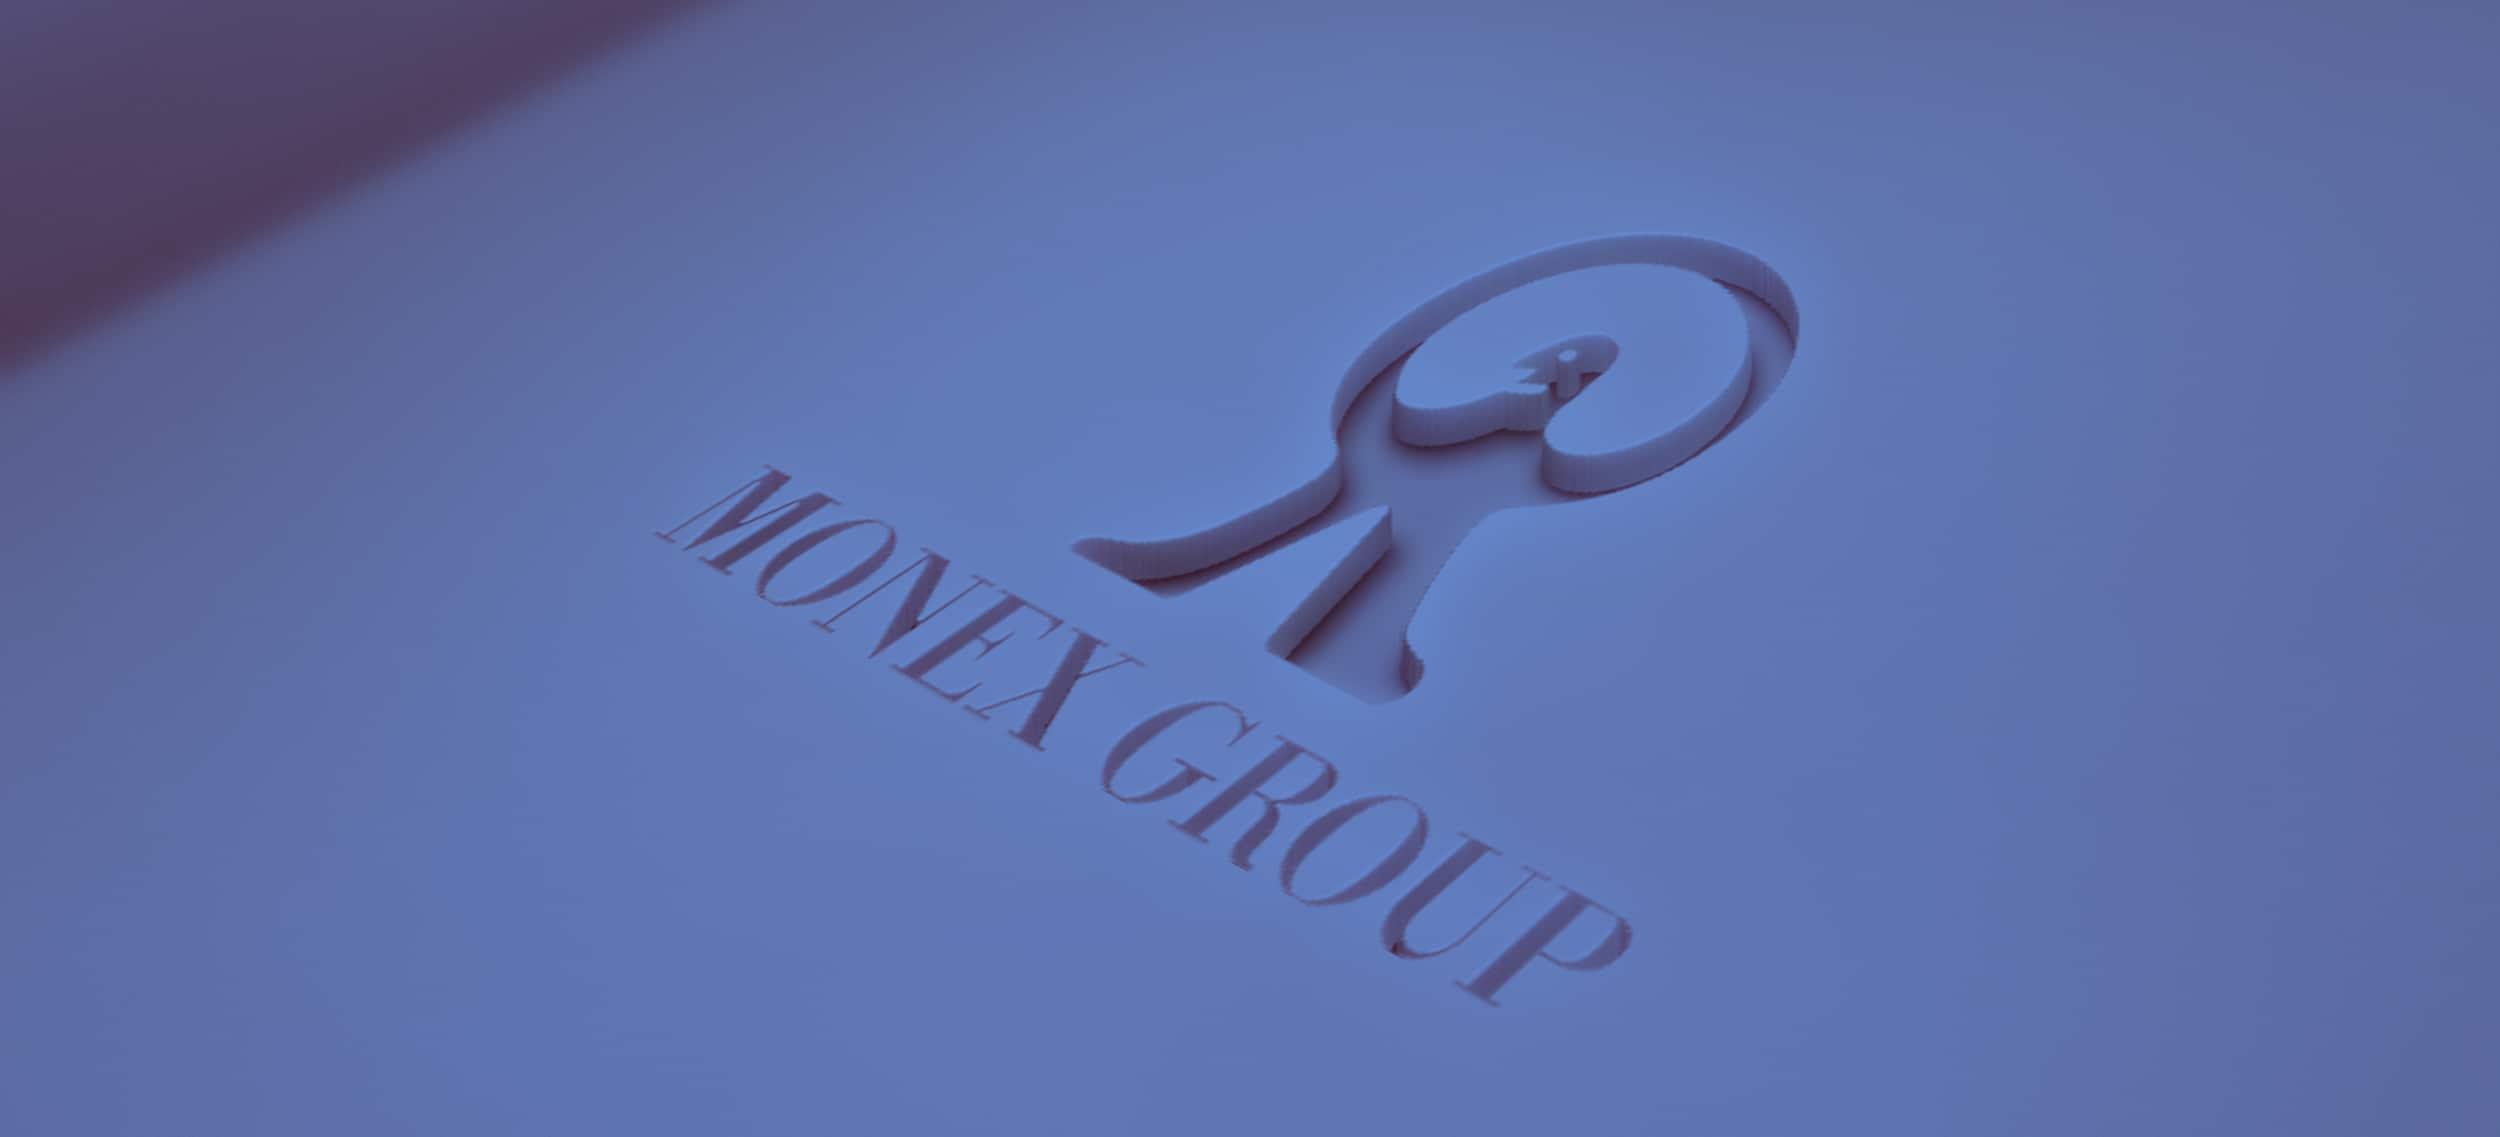 monex group logo